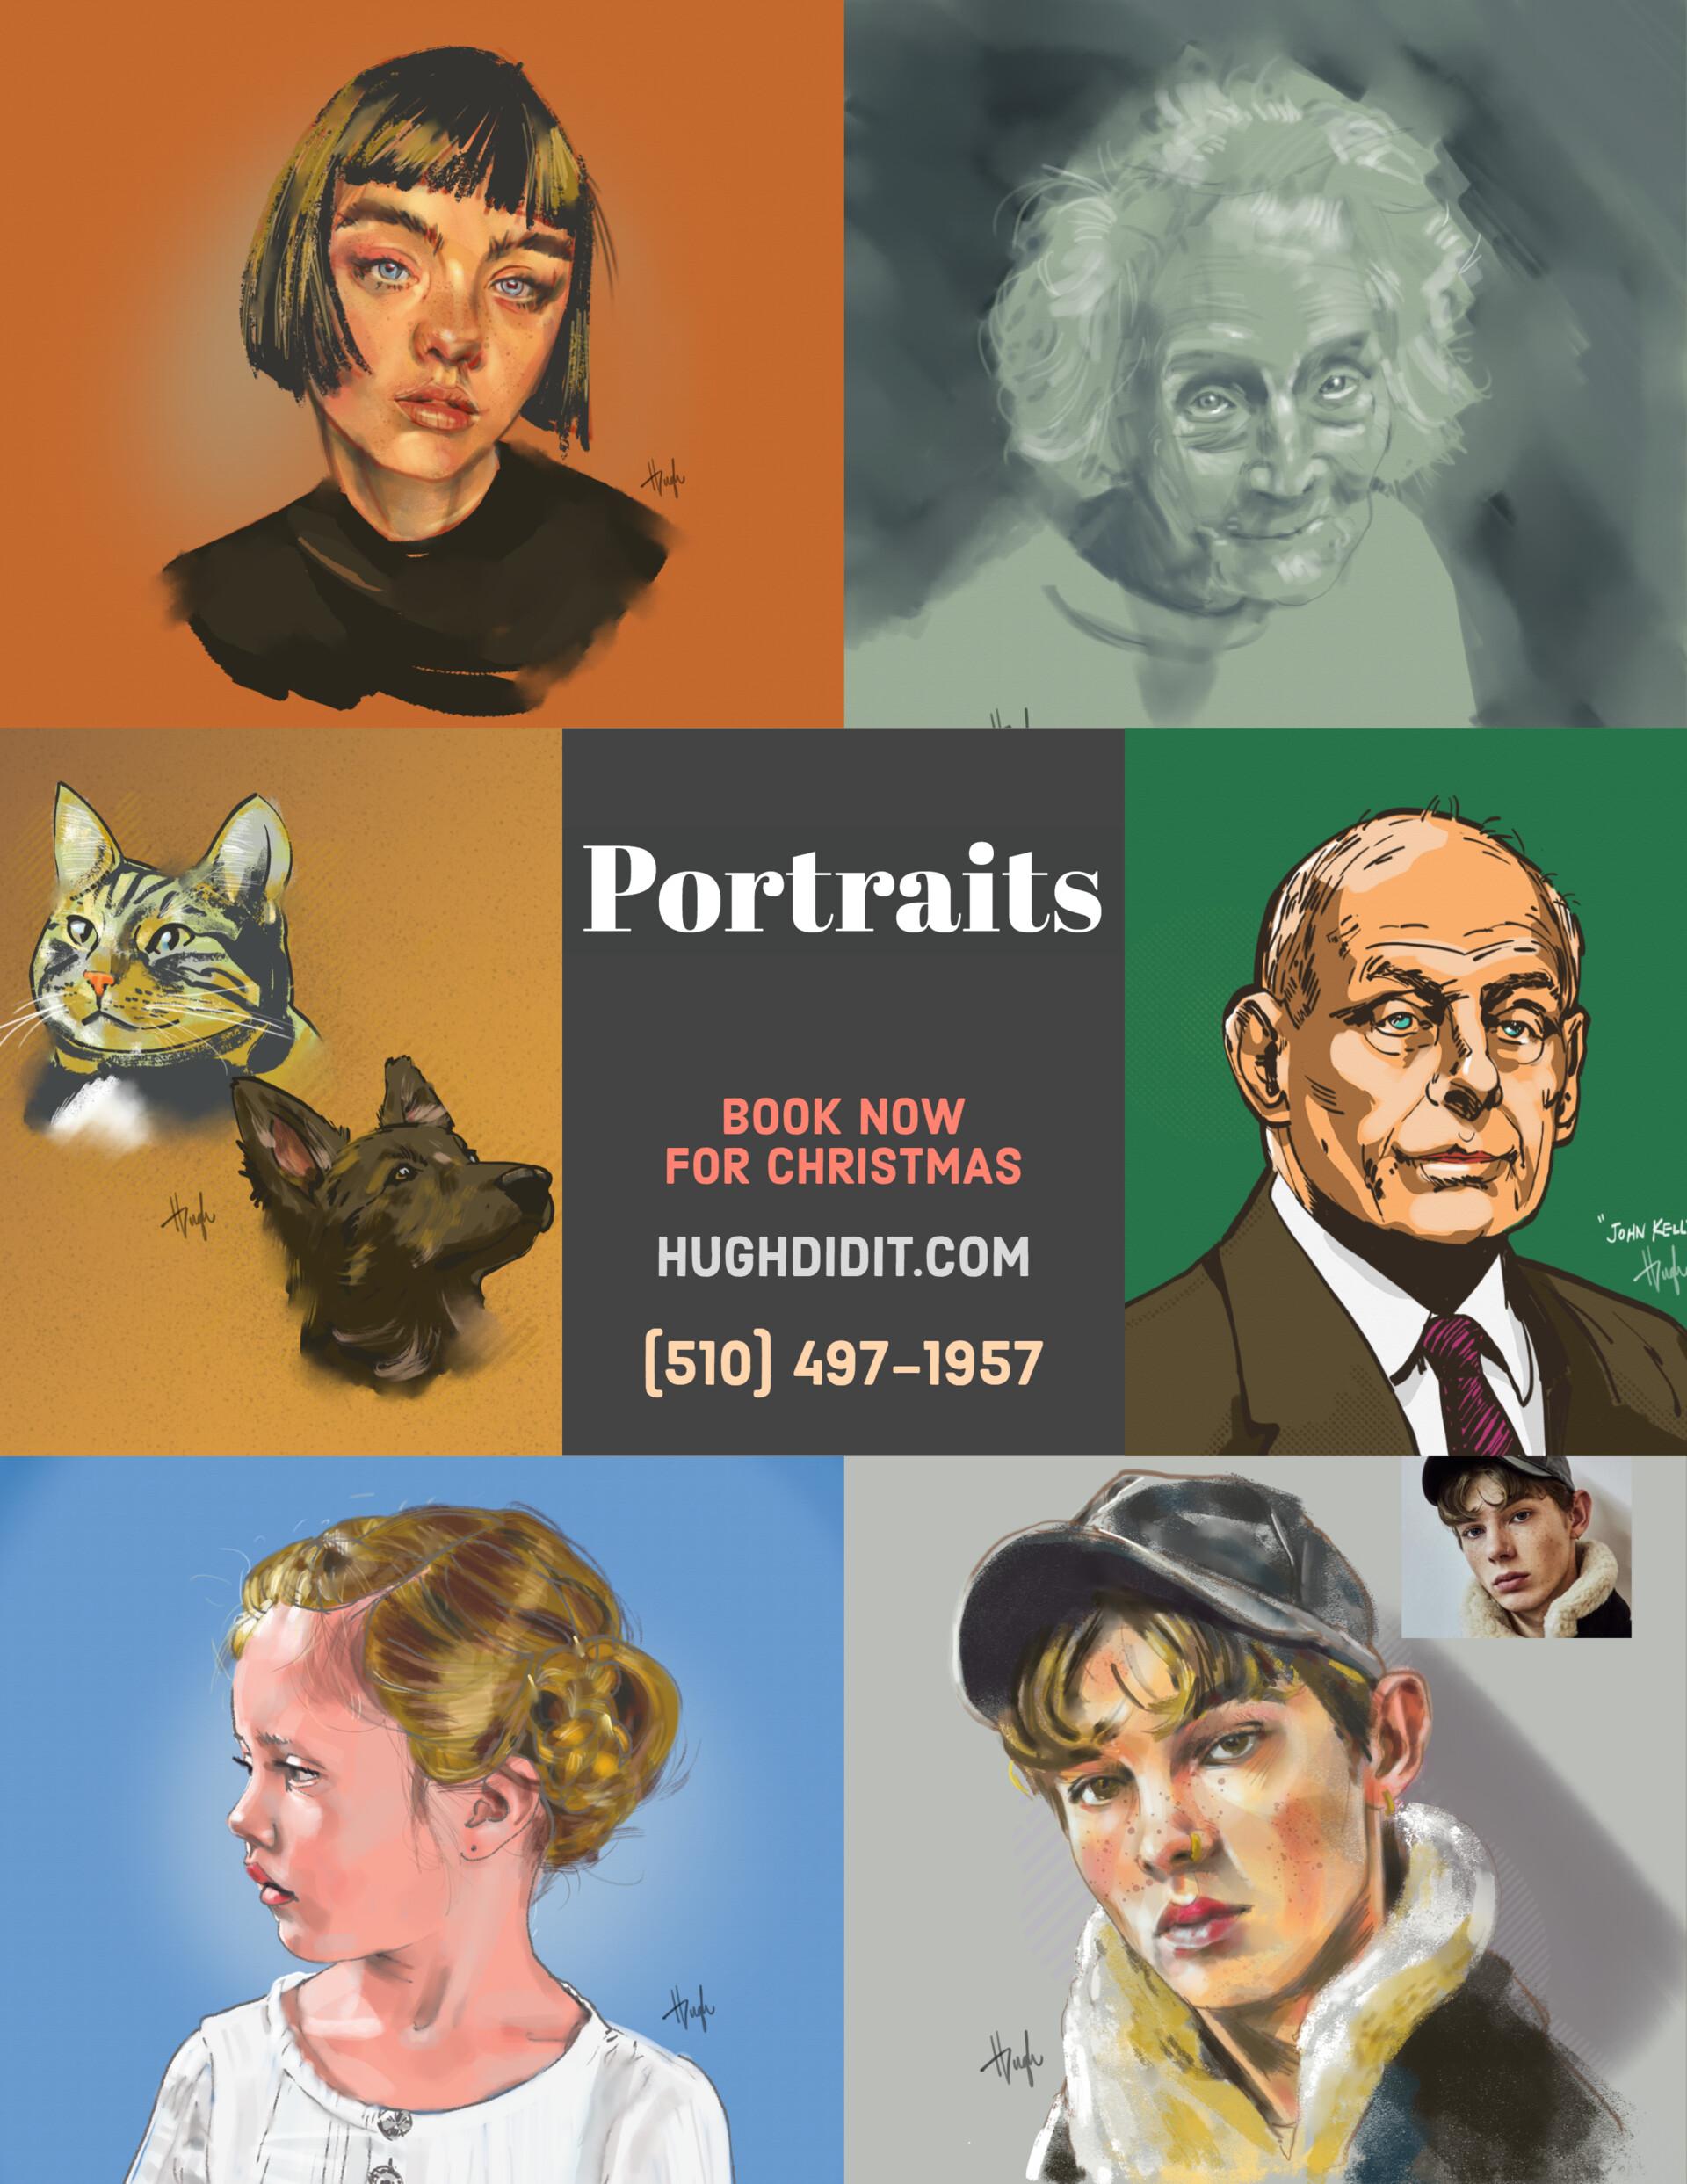 Hugh chapman portrait poster